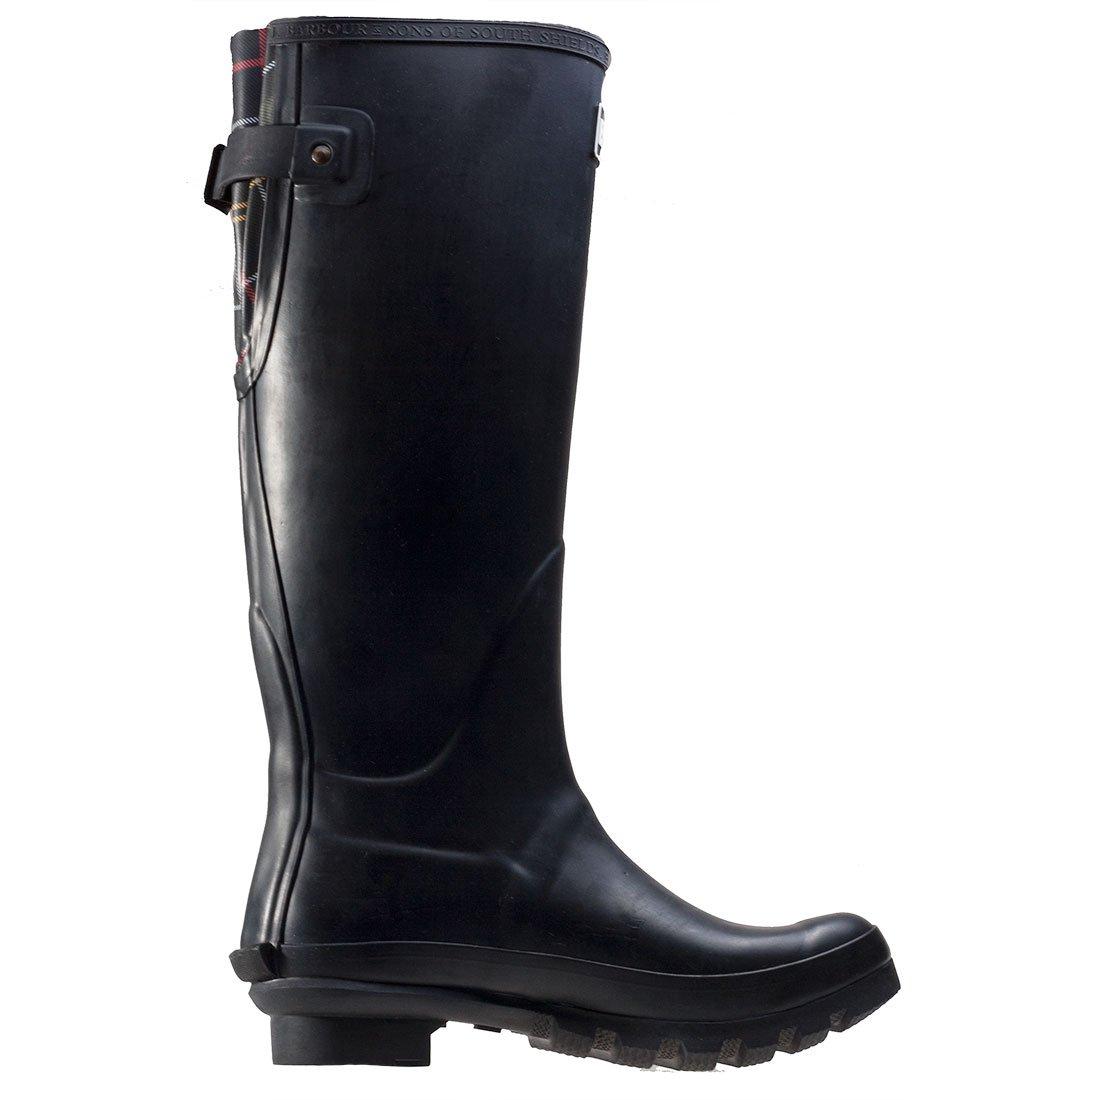 Damen Barbour Jarrow Schnee Wasserdicht Mitte Stiefel Wade Gummistiefel Stiefel Mitte - Schwarz - 43 - 6ec167